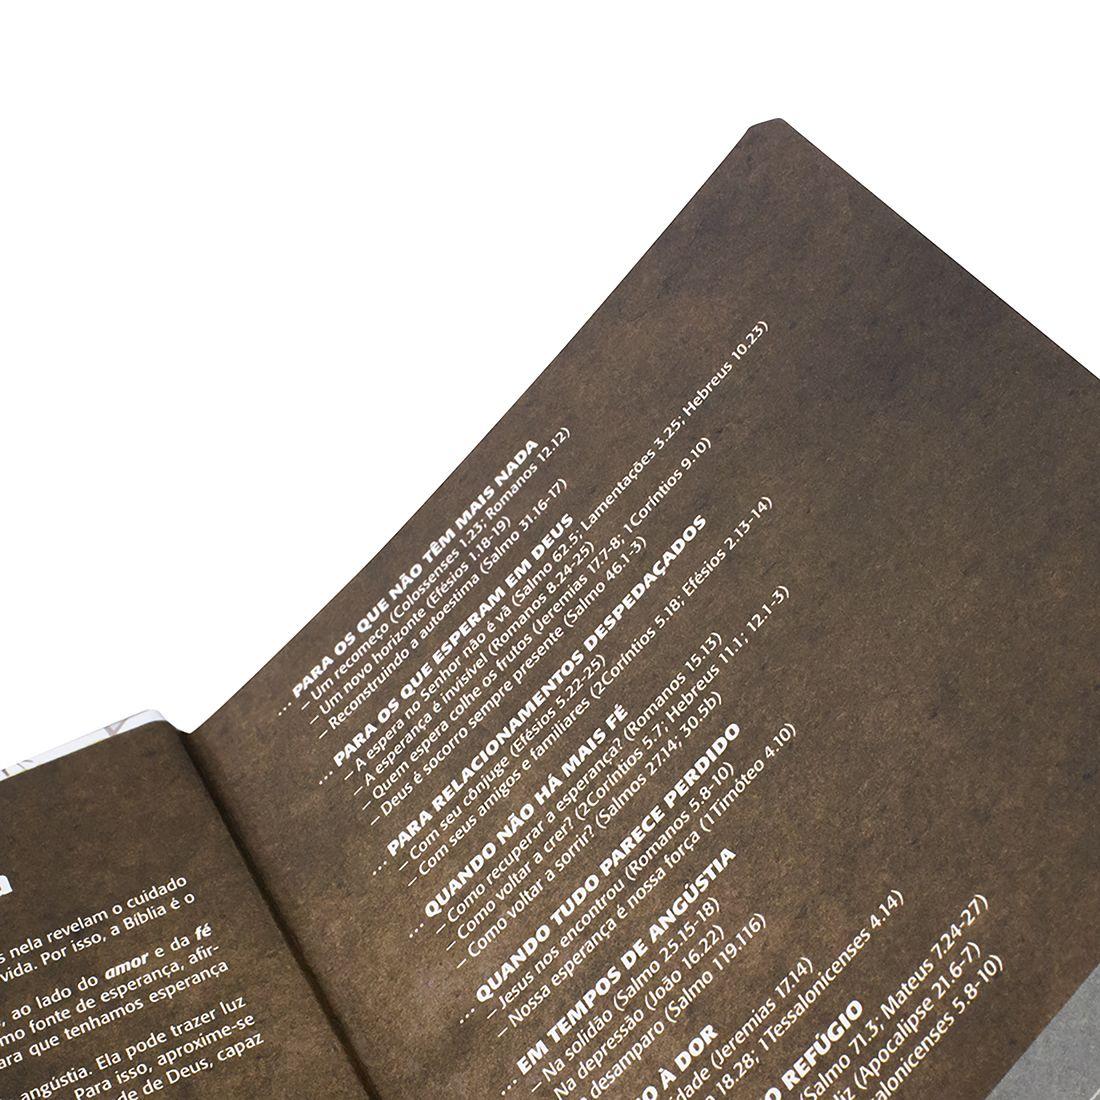 Bíblia Sagrada Evangélica NTLH Lettering Capa Dura Flores Linguagem Fácil